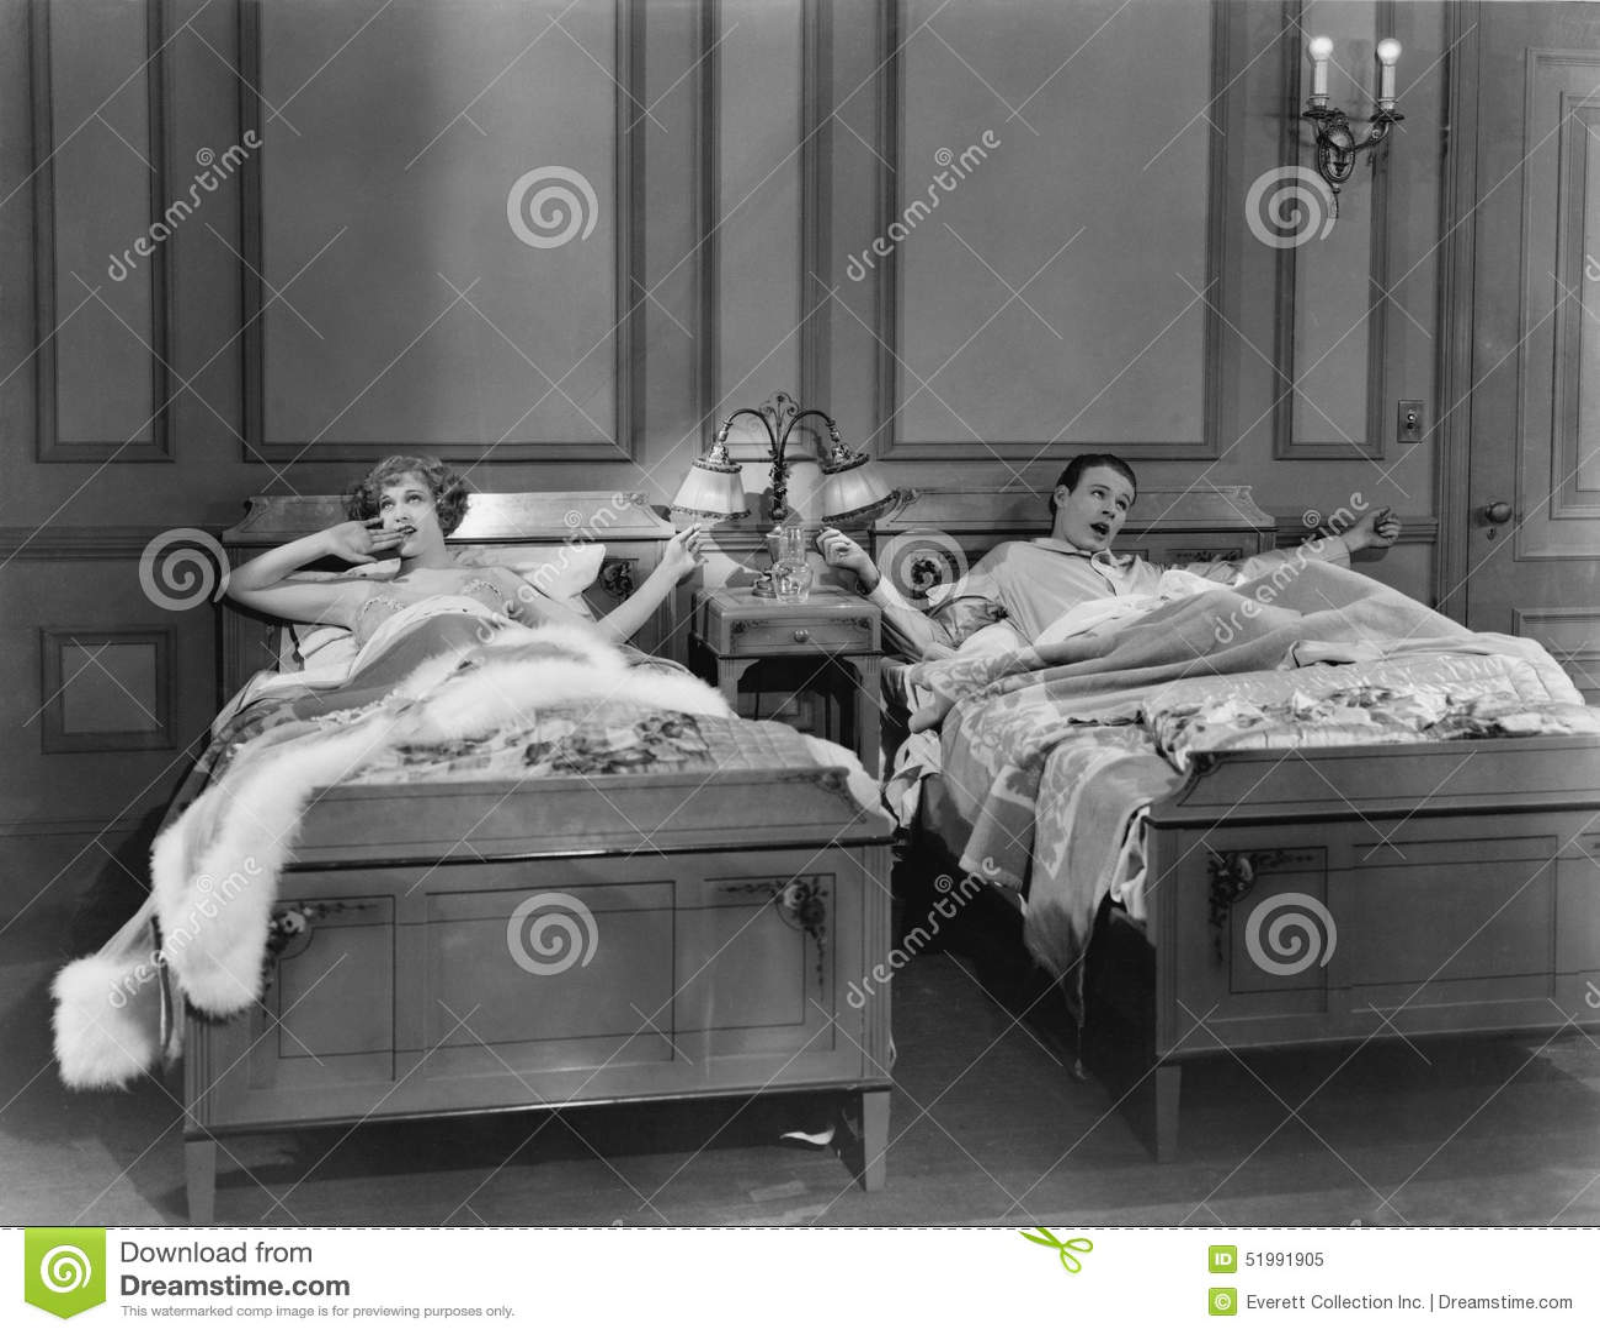 BLIŹNIACZY łóżka (Wszystkie persons przedstawiający no są długiego utrzymania i żadny nieruchomość istnieje Dostawca gwarancje że